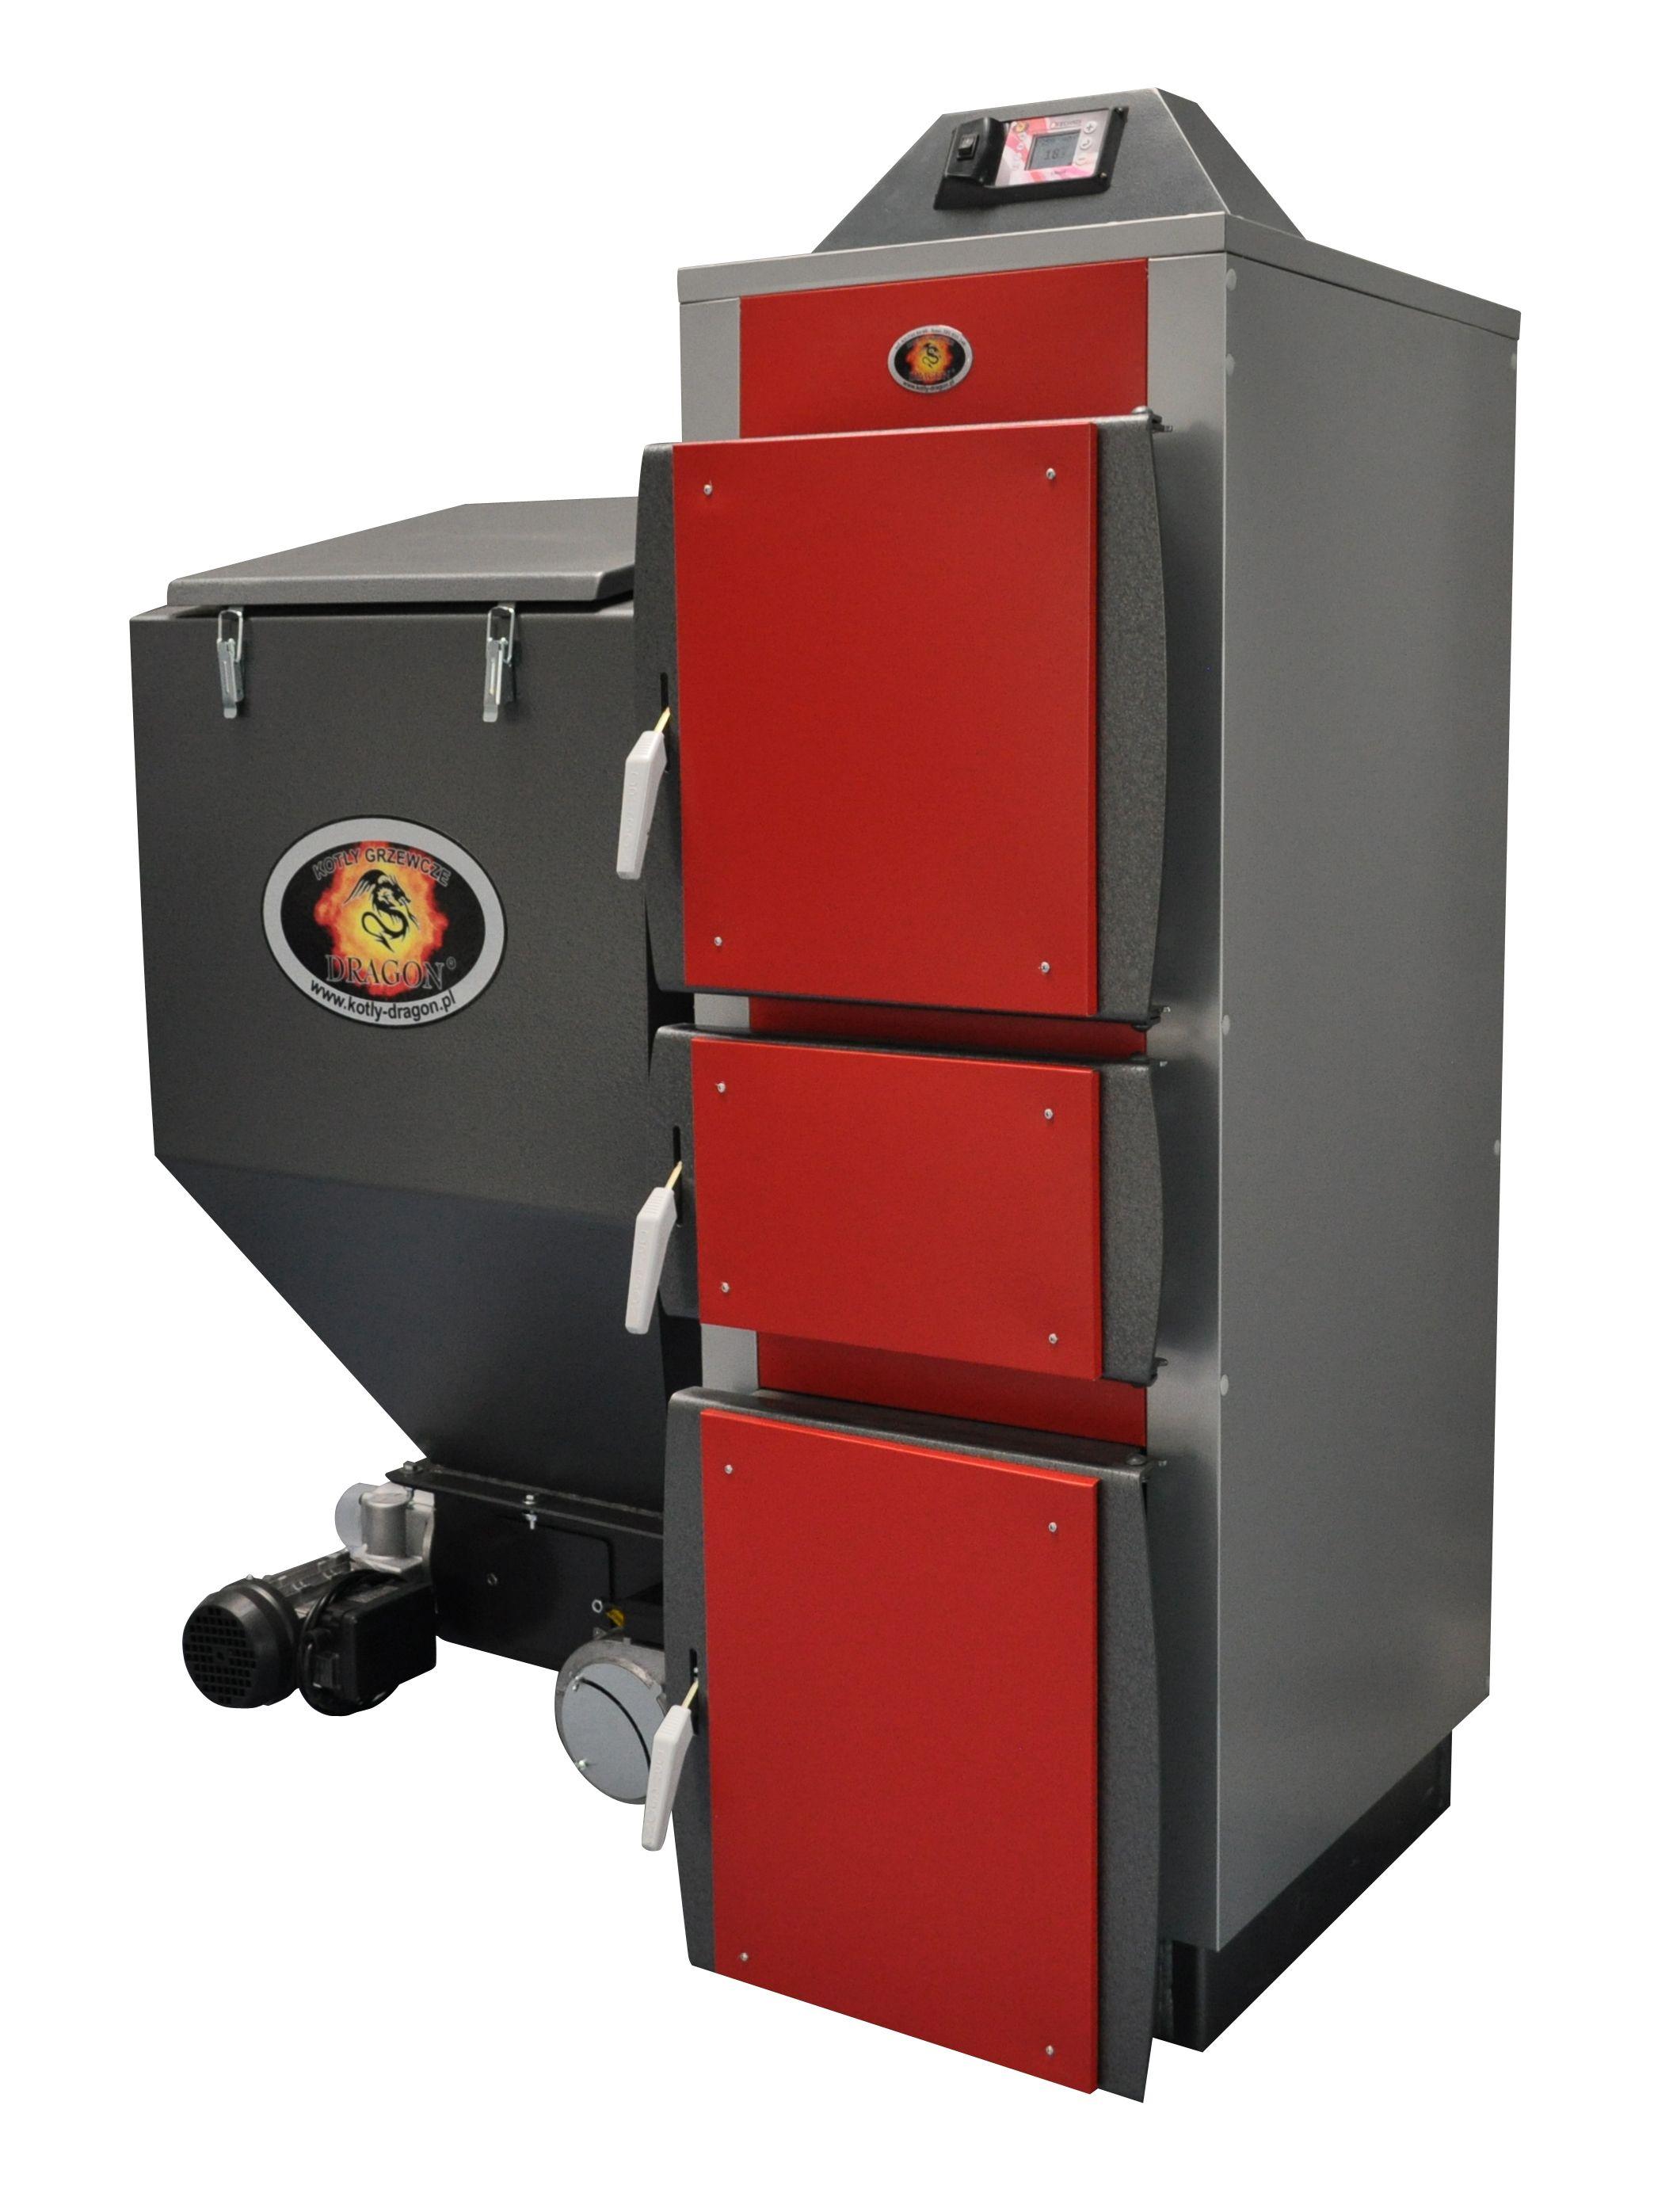 Tanie I Skuteczne Ogrzewanie Tylko Dzieki Kotlowi Z Podajnikiem Automatycznym Kociol Piec Ogrzewanie Biomasa Podajni Outdoor Decor Gas Grill Decor